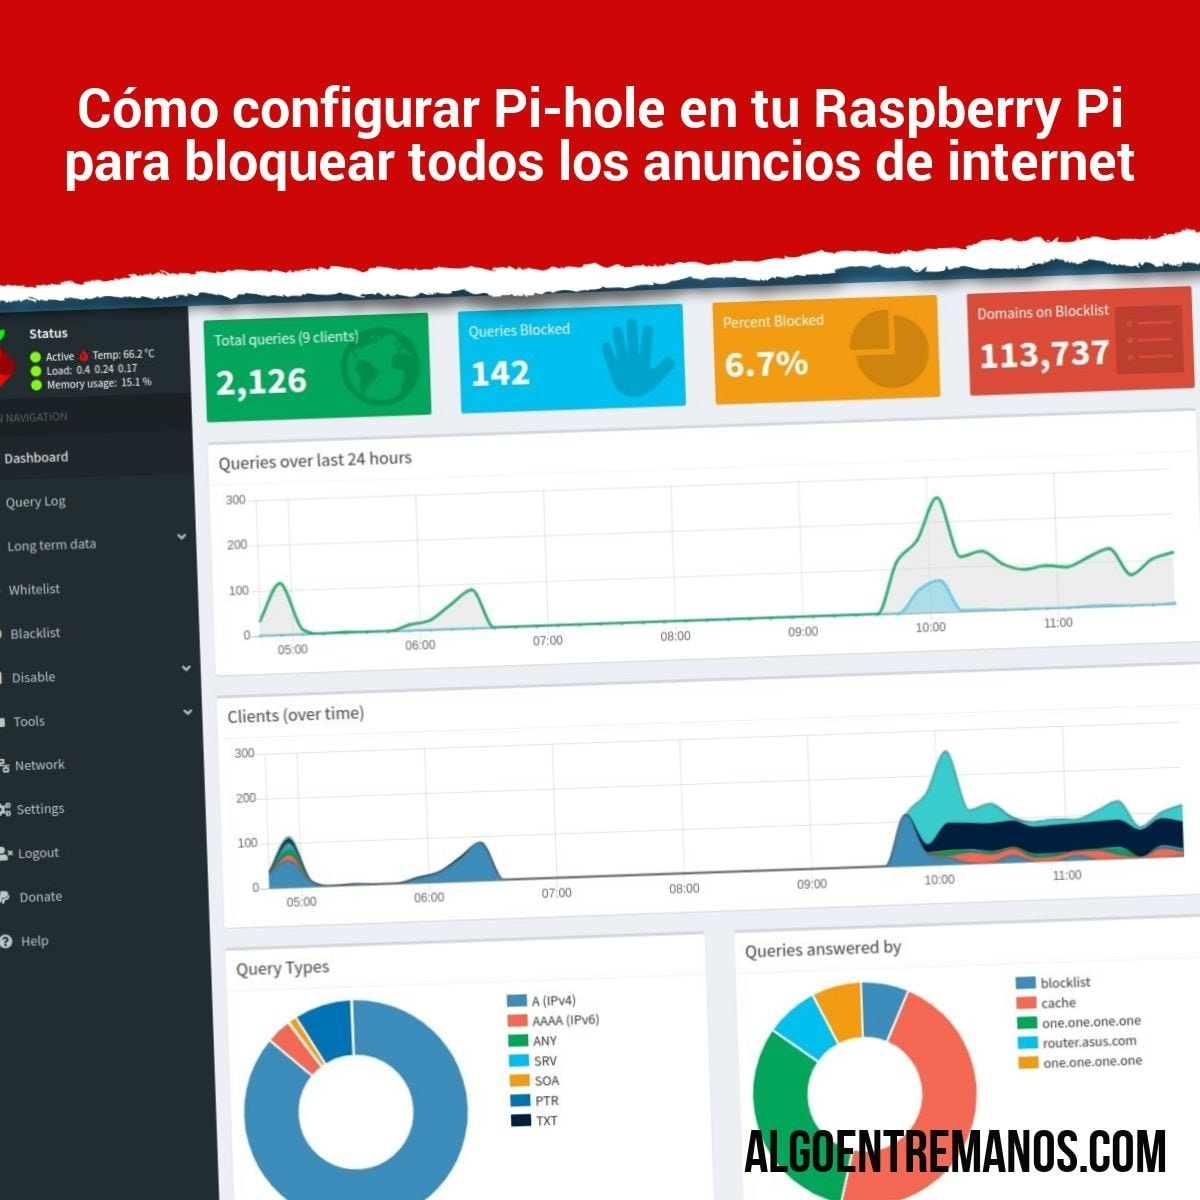 Cómo configurar Pi-hole en tu Raspberry Pi para bloquear todos los anuncios de internet